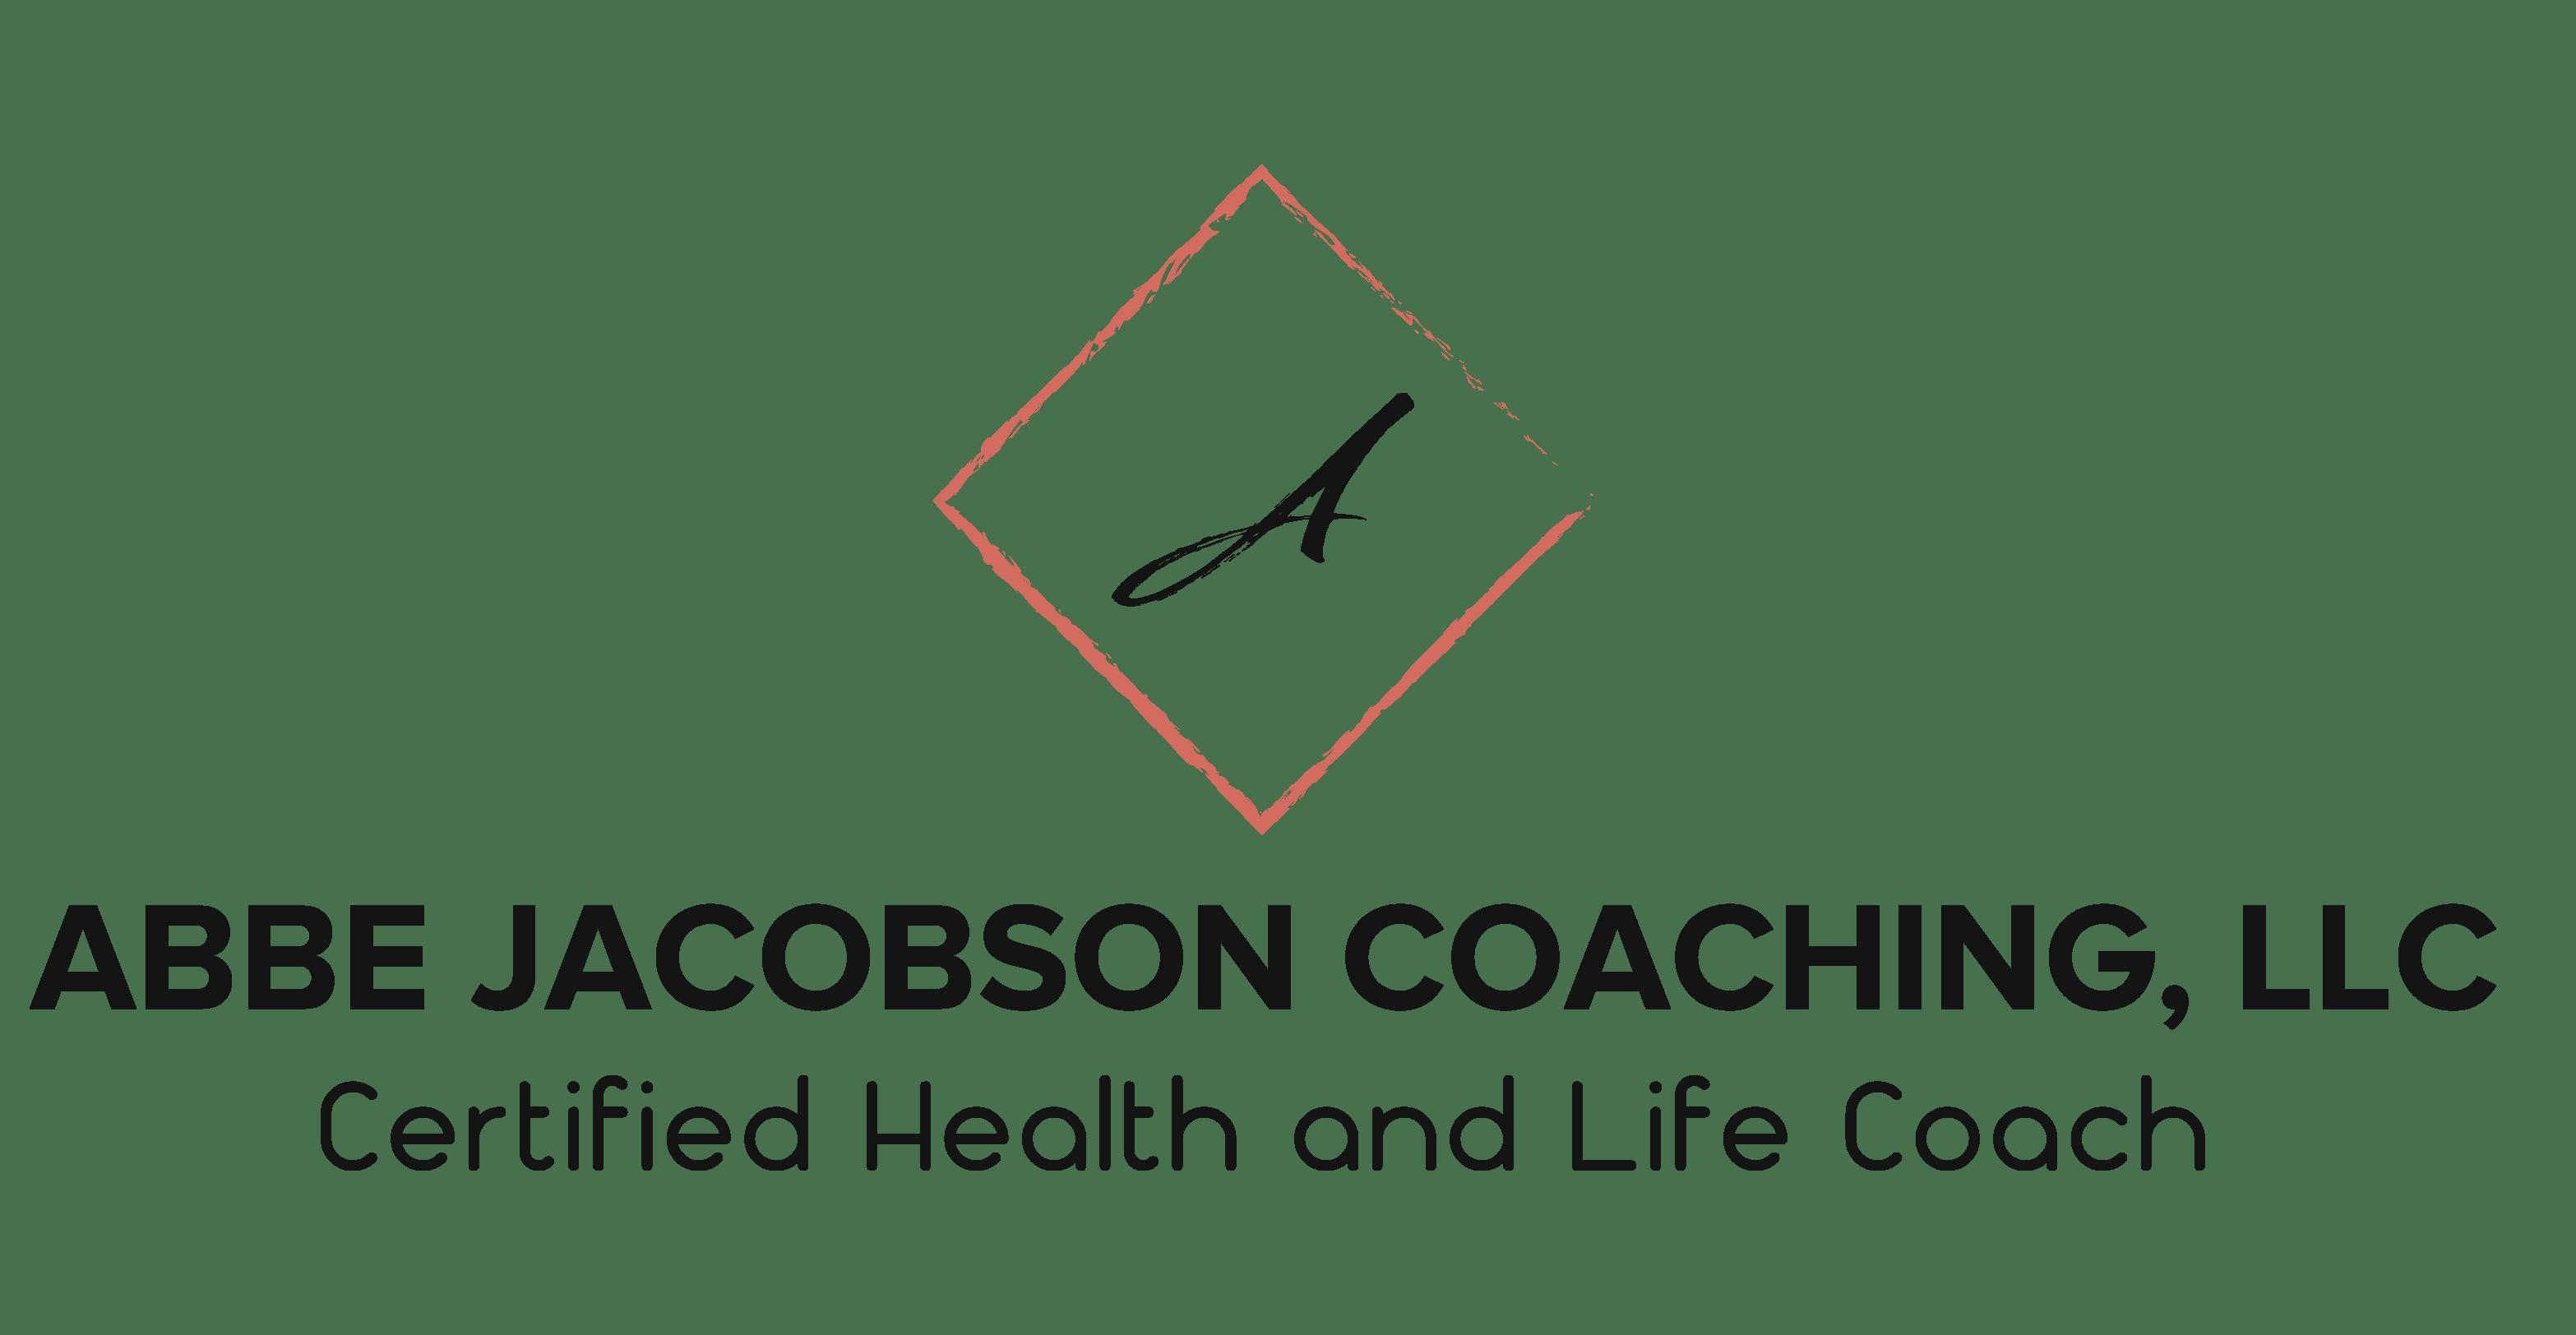 Abbe Jacobson Coaching, LLC